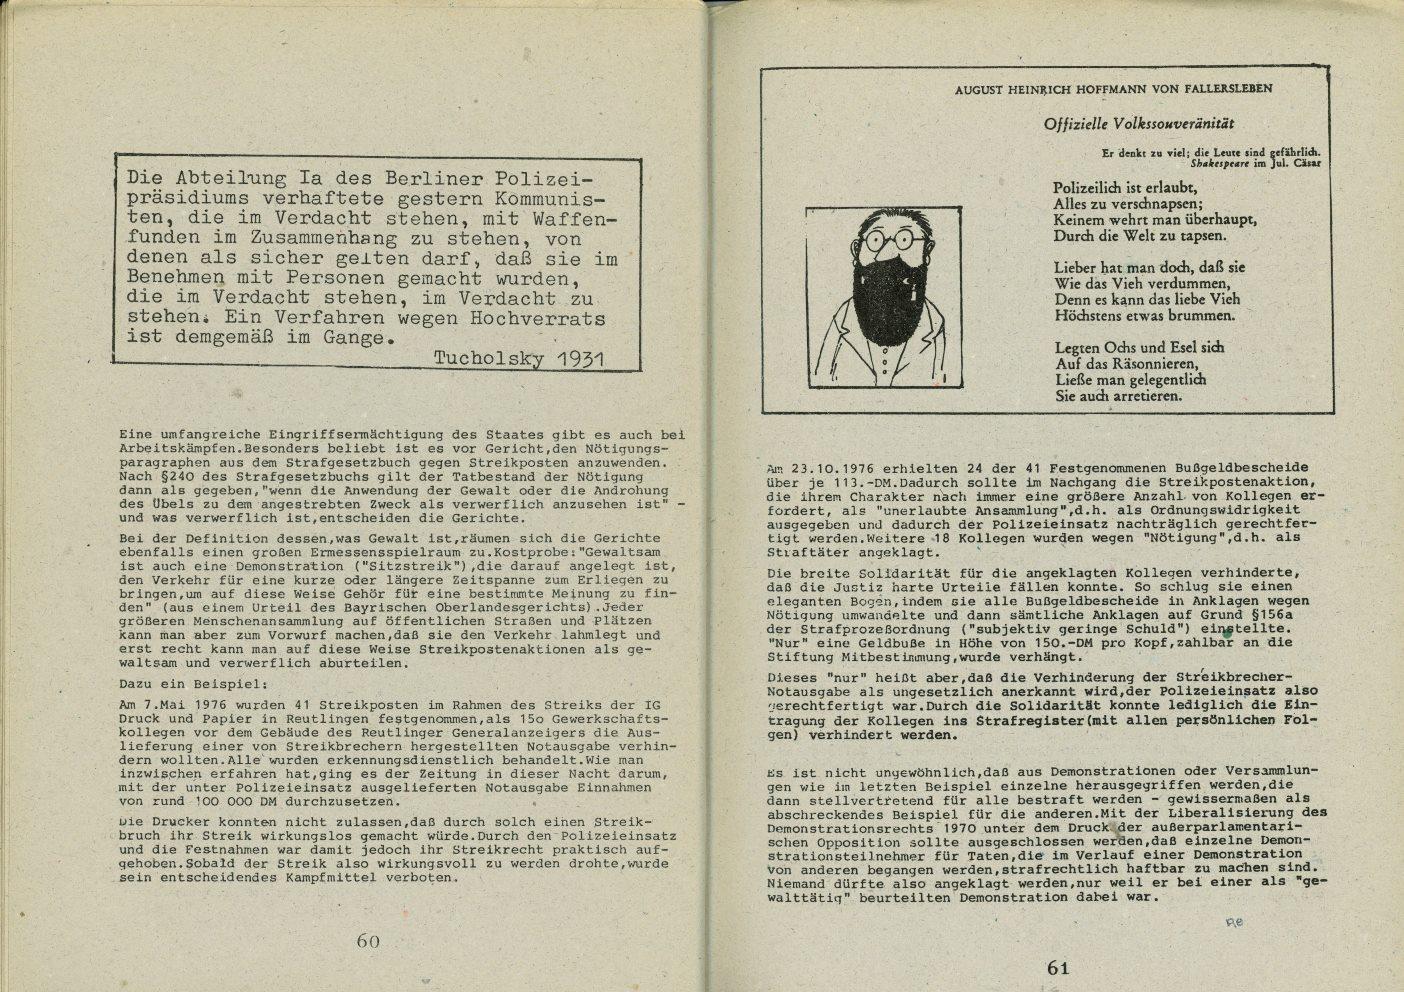 Stuttgart_AGRT_Menschenrechtsverletzungen_Leseheft_1978_32